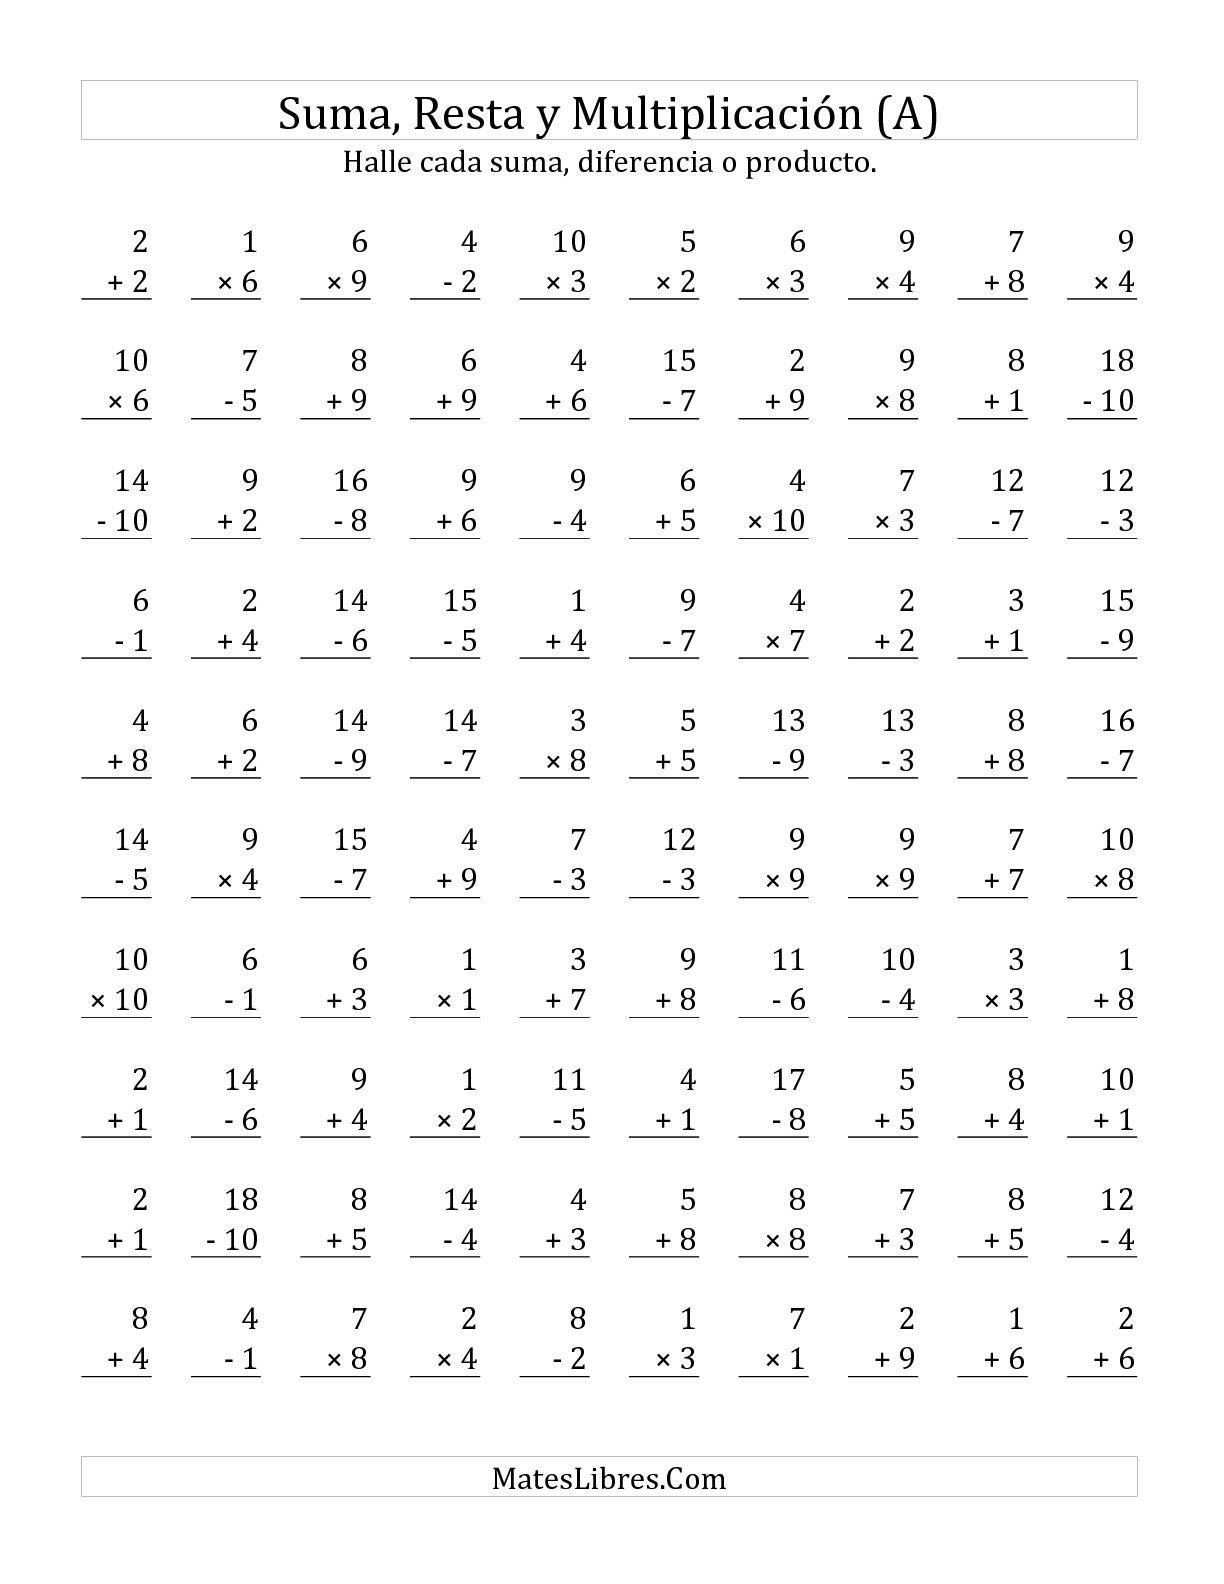 Sumar Restar Y Multiplicar Rango De 1 A 10 A Hoja De